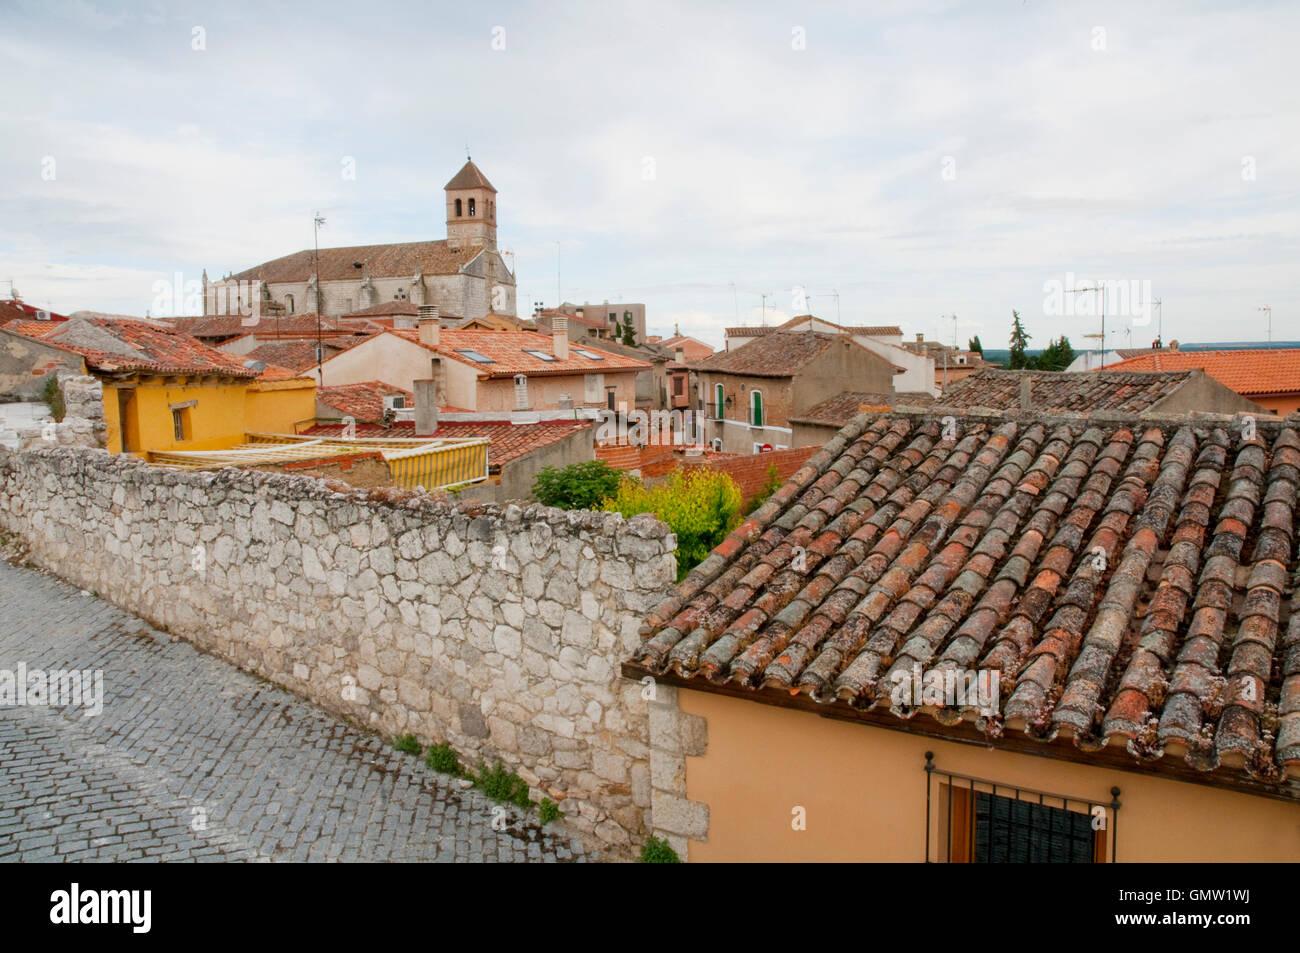 Allgemeine Ansicht. Simancas, Provinz Valladolid, Kastilien-Leon, Spanien. Stockbild